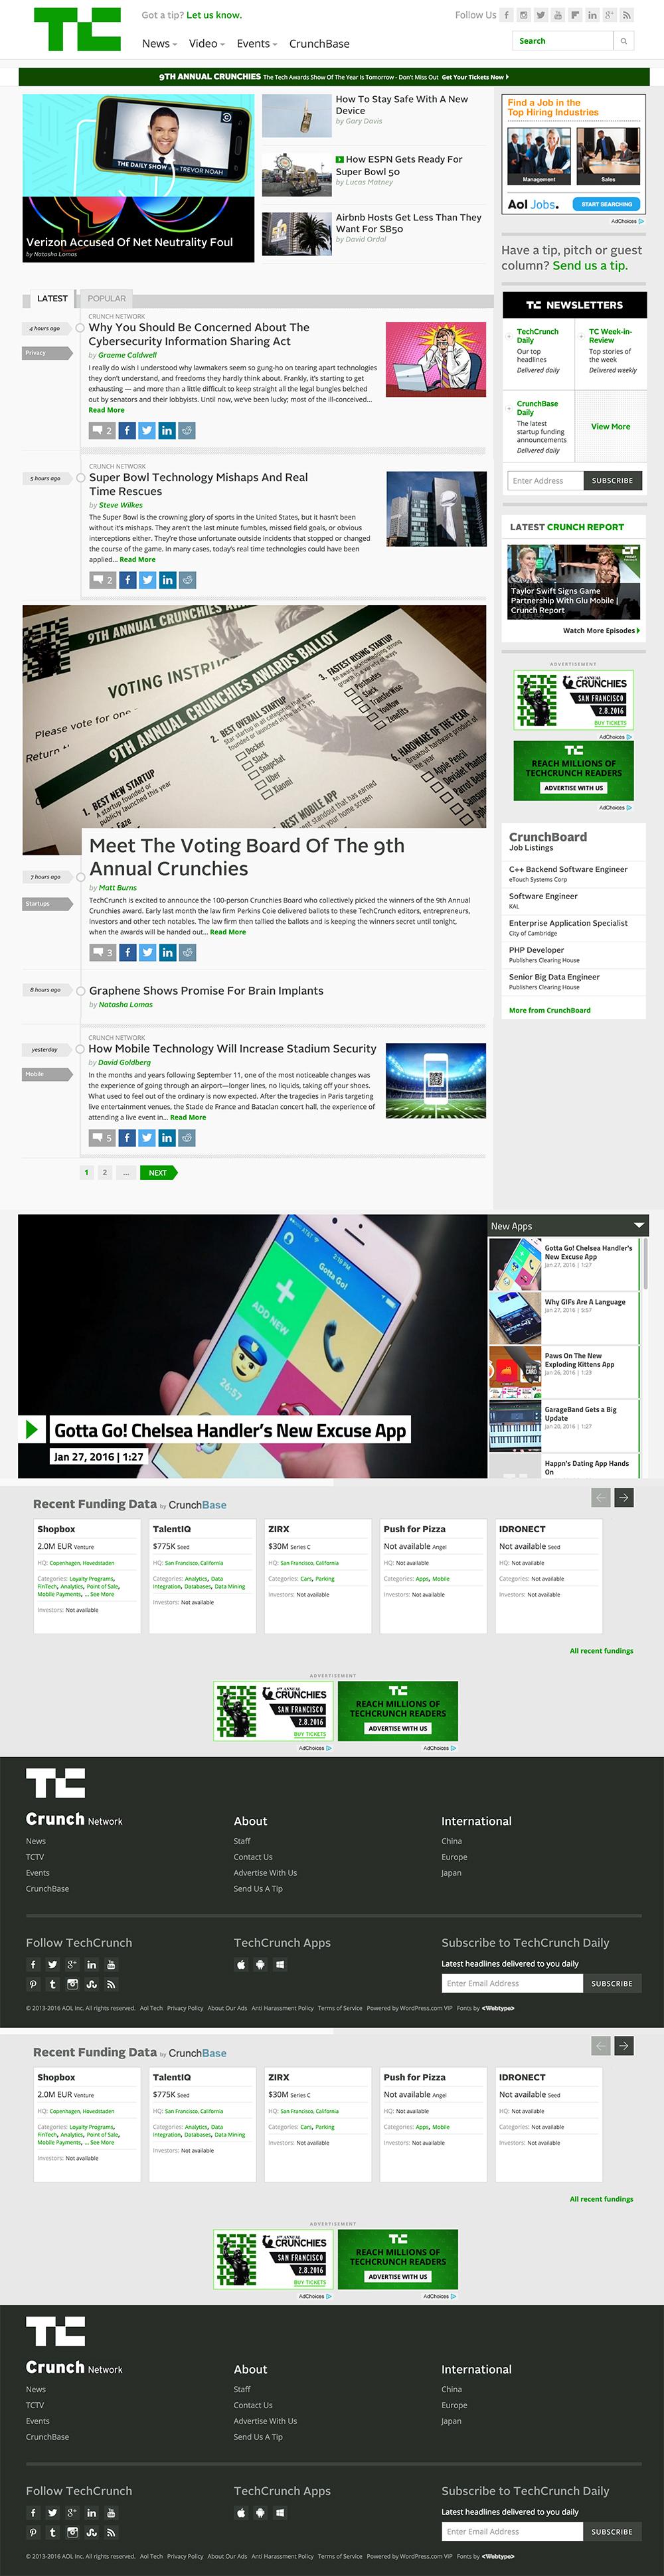 Tech Crunch Website review